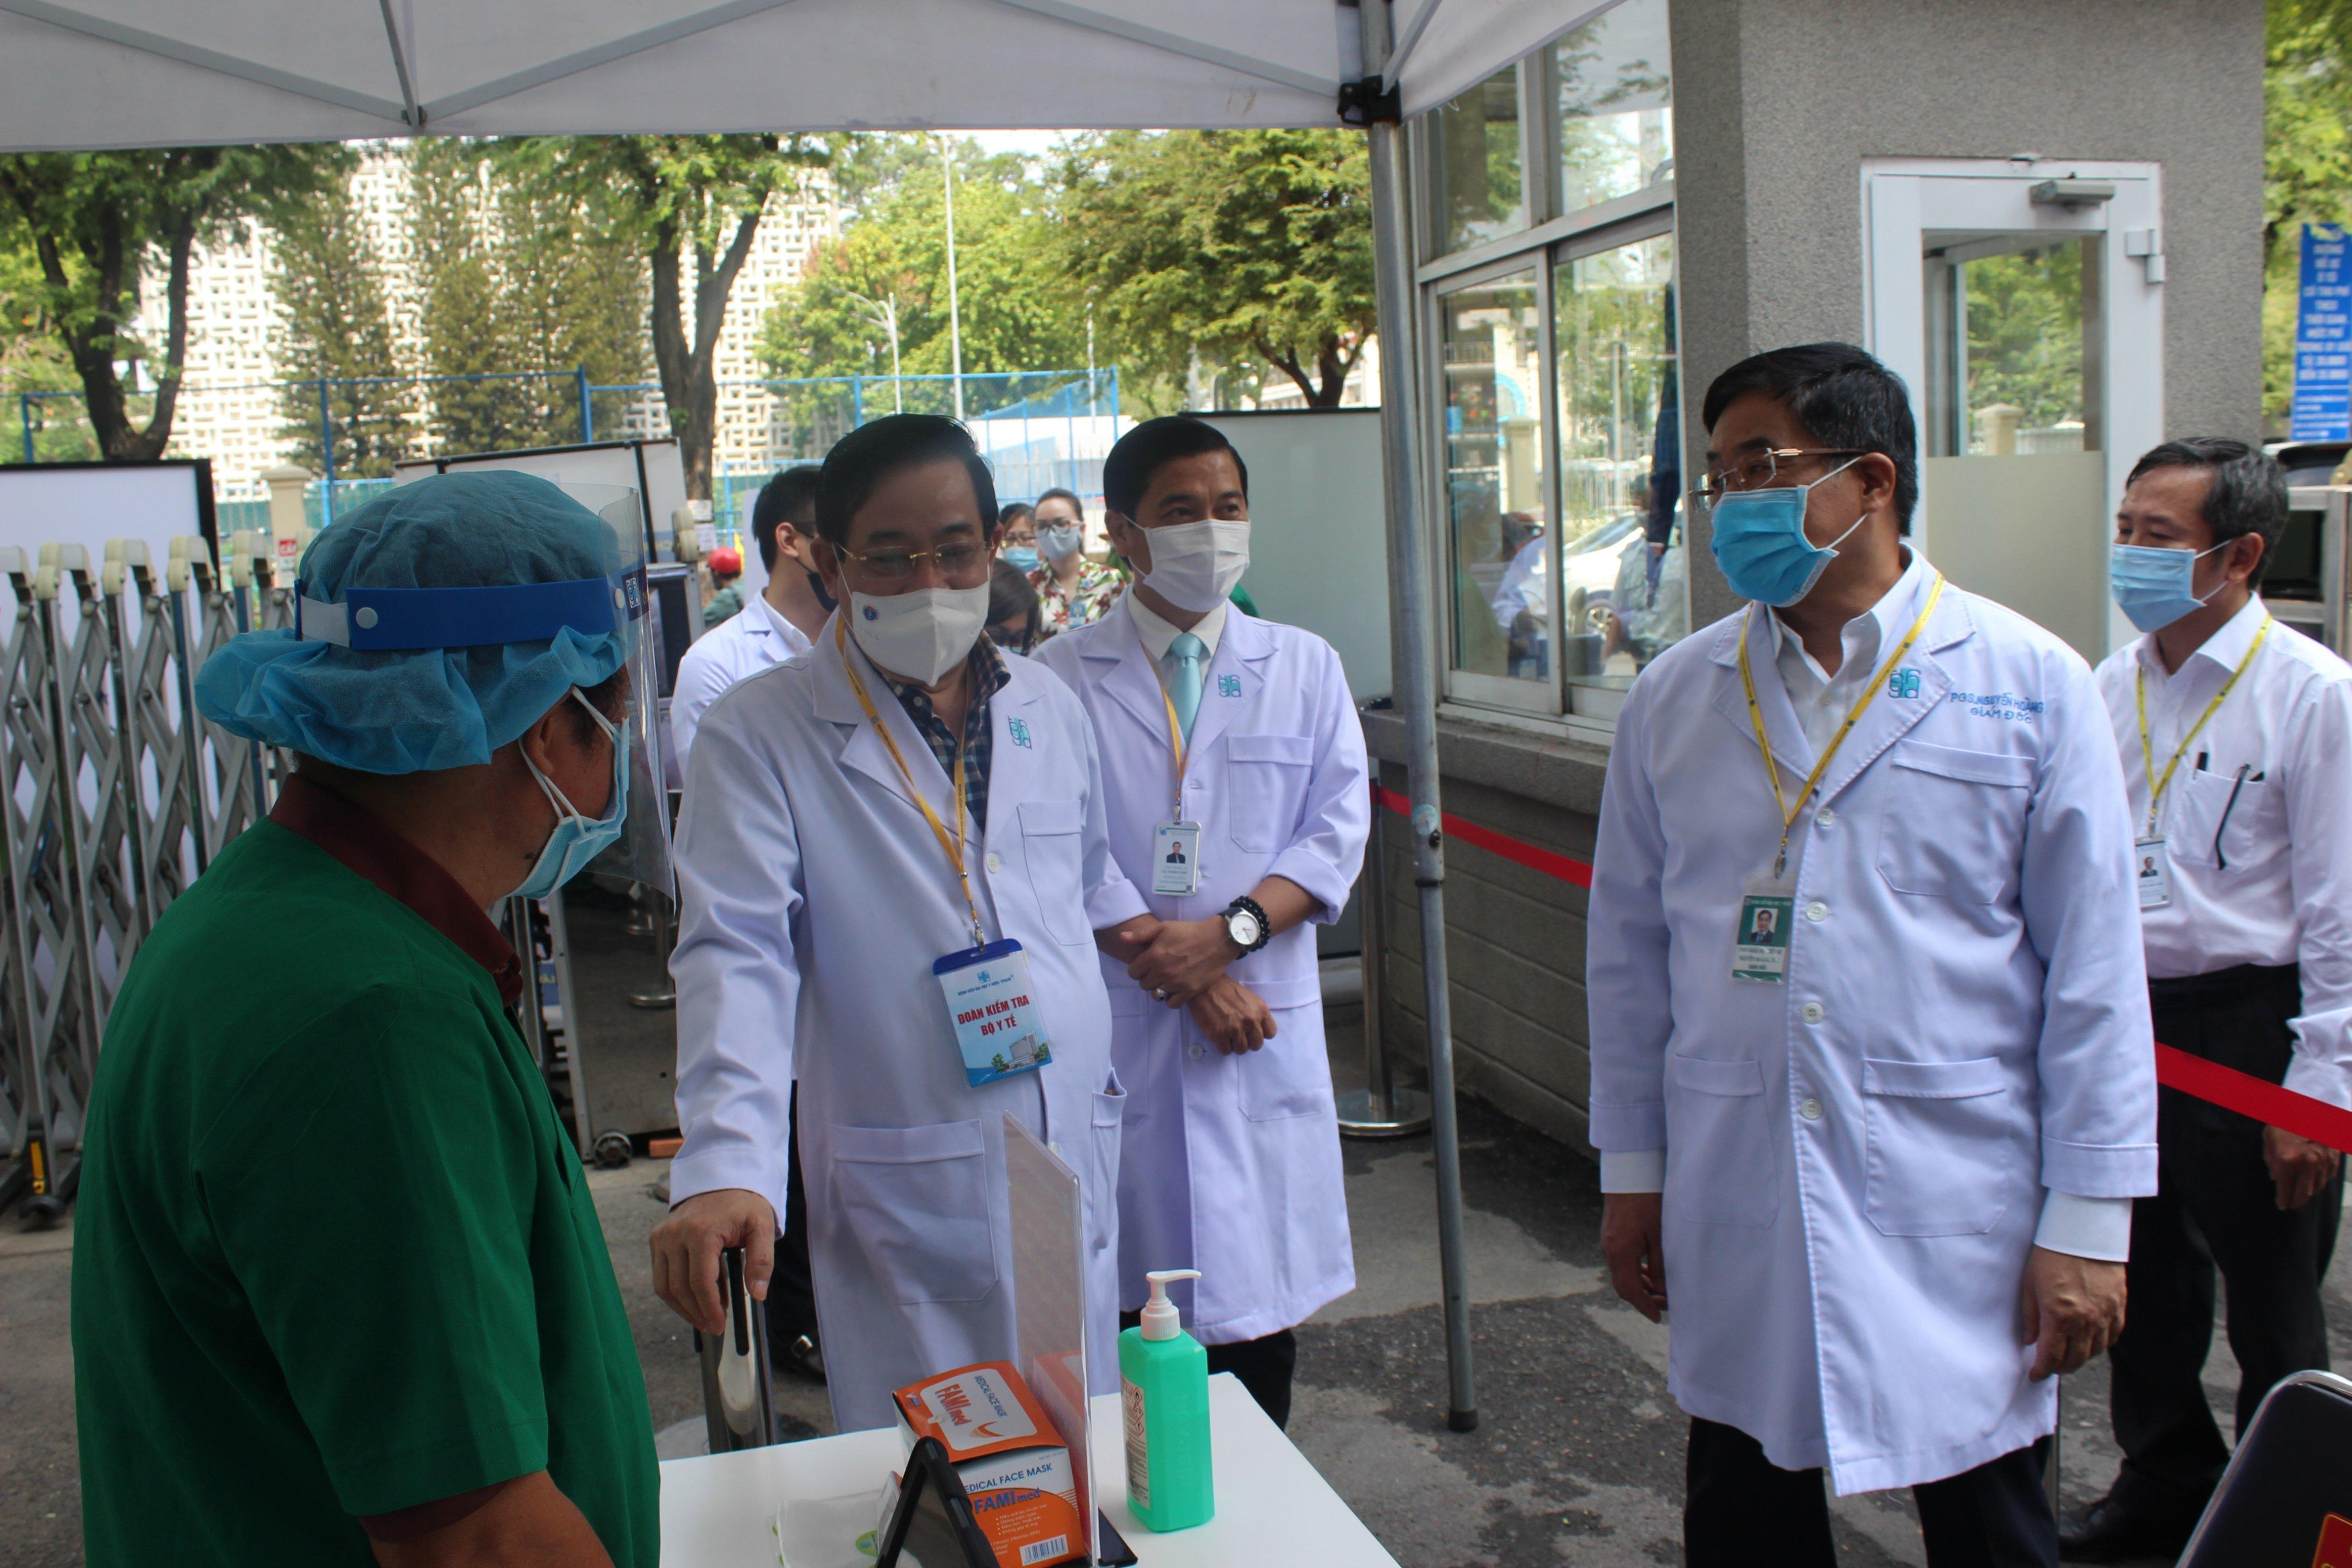 Giả định có ca COVID-19 để kiểm tra cách xử trí tại bệnh viện tiếp nhận người khám lớn nhất Việt Nam Ảnh 2